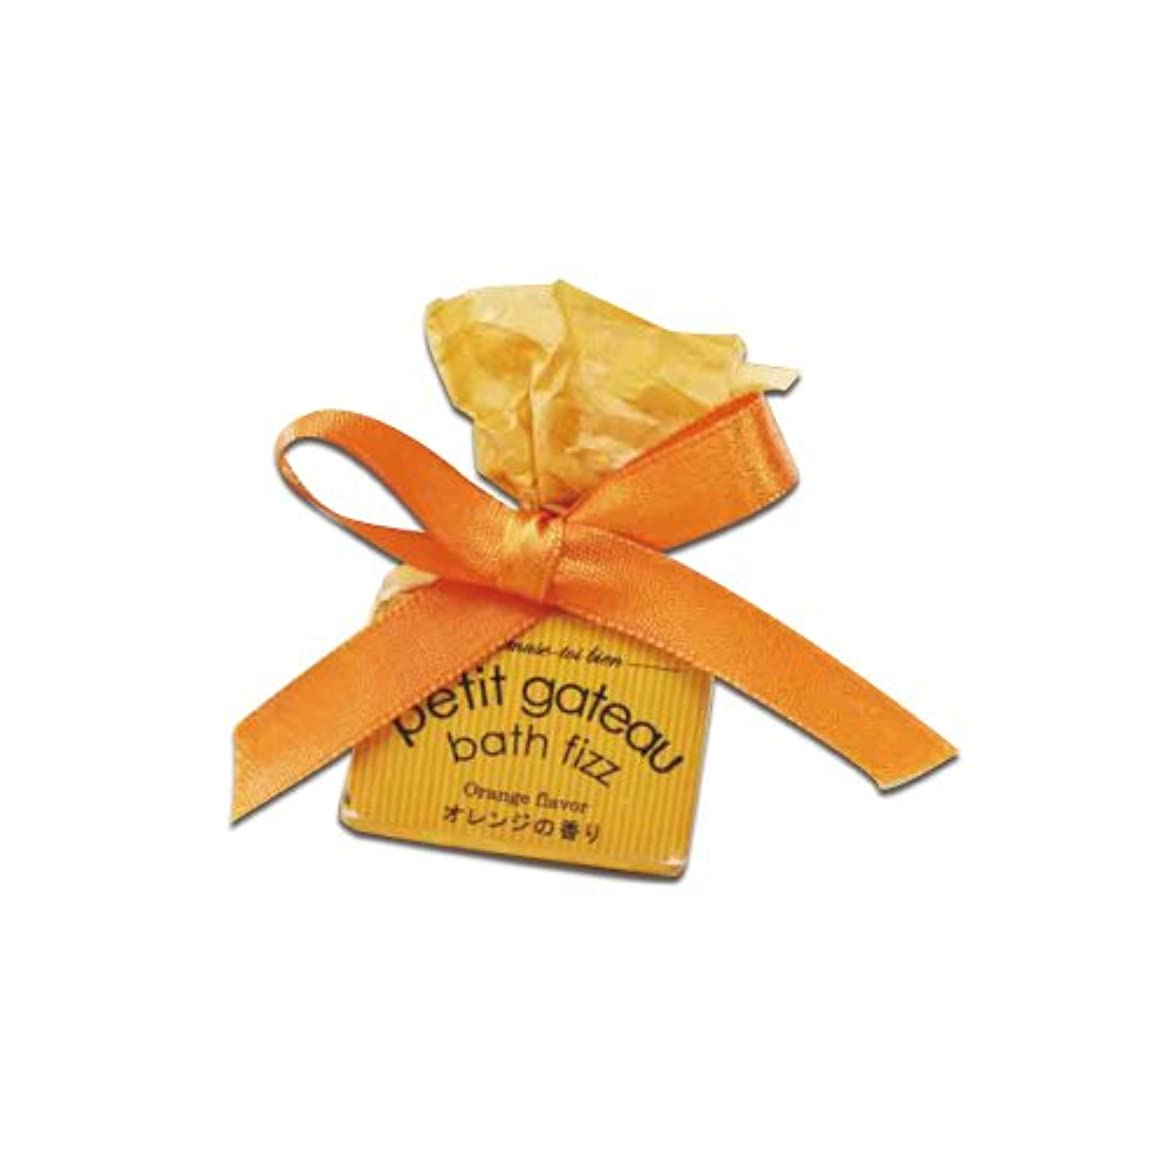 ダイバー証言する医療過誤プチガトーバスフィザー オレンジの香り 12個セット